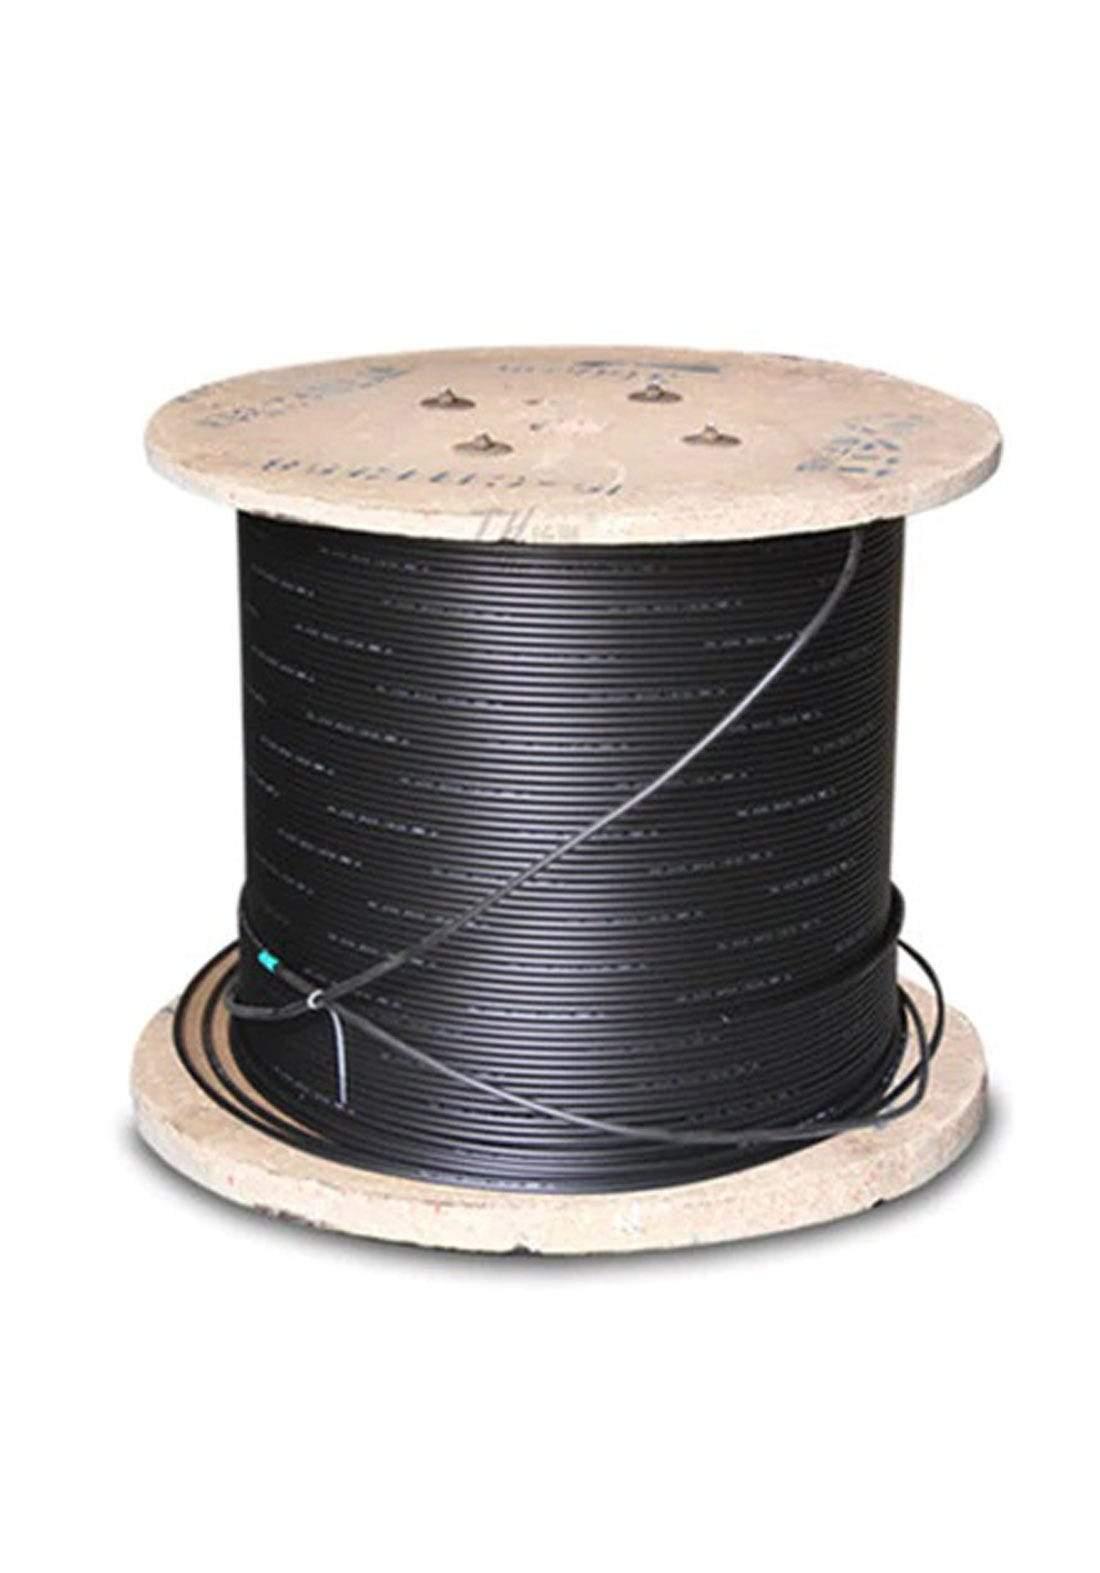 STS ( GYXTW-12B1 )12 Core Fiber Optic Cable - Black كابل ضوئي